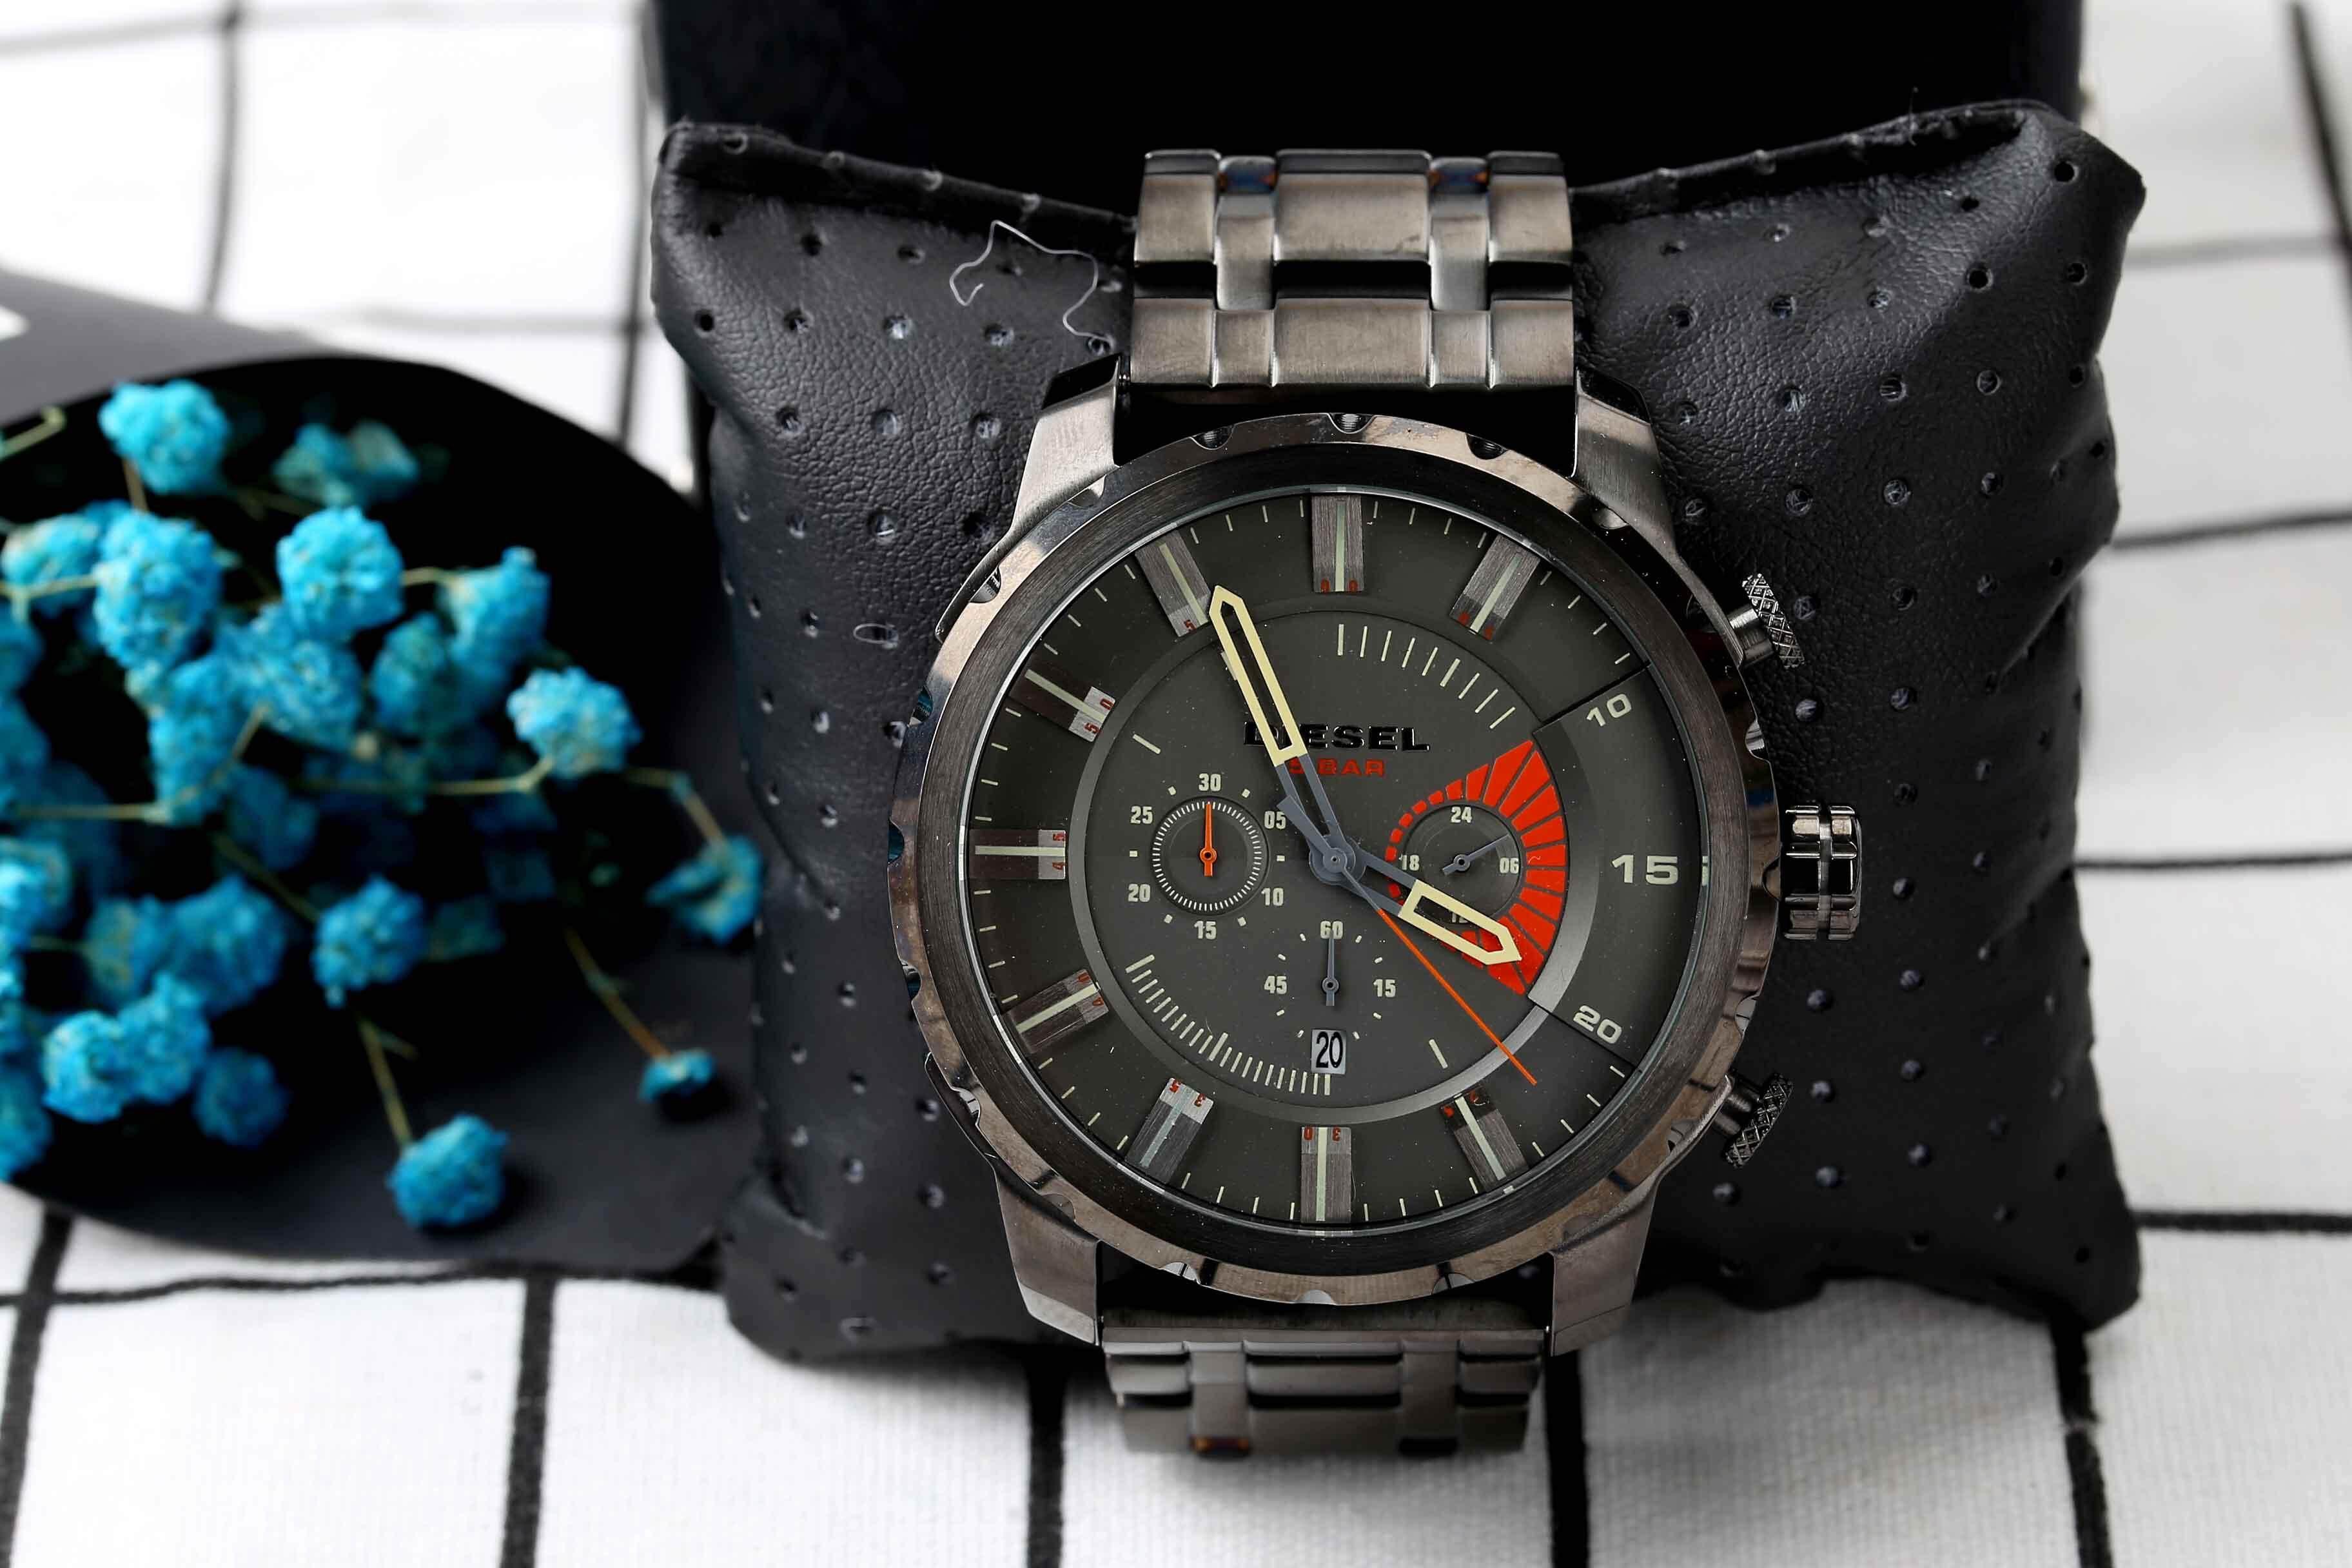 ยี่ห้อนี้ดีไหม  นราธิวาส Genuine Products Waterproof Diesel_Military Series. Three-Eye Timing Fashion casual watch Mineral Toughened Glass Mirror .Japanese Quartz Core. Resin Strap .